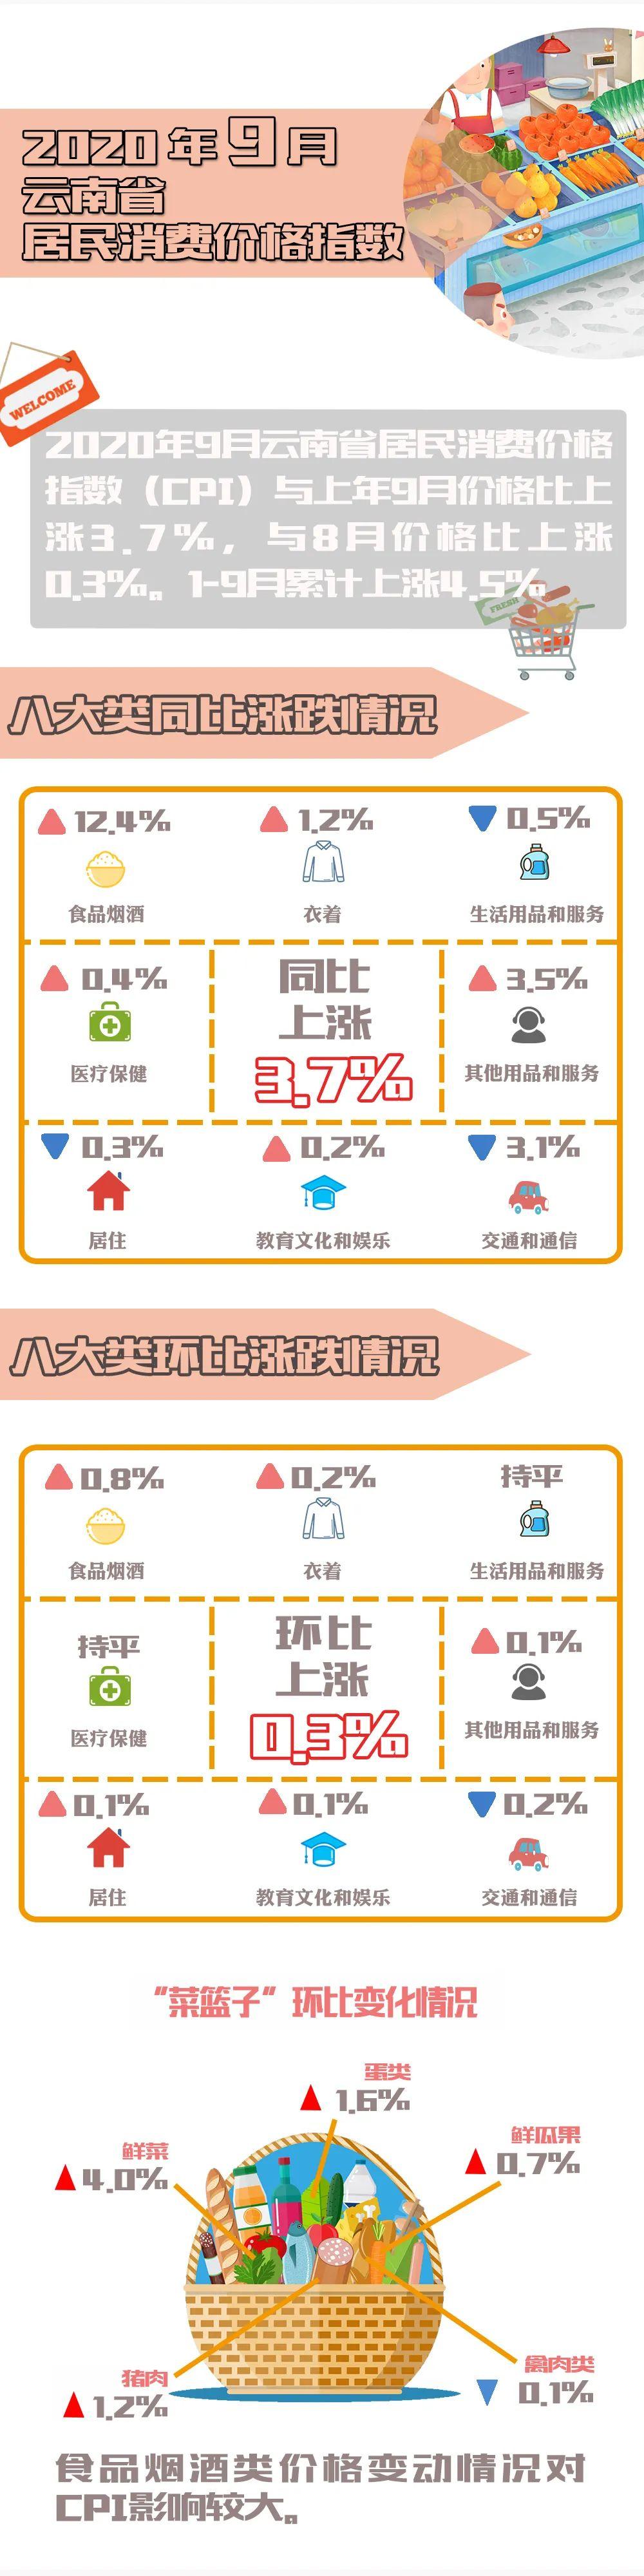 【民生】鲜菜价格较8月上涨4%!9月云南主要民生指标公布图片